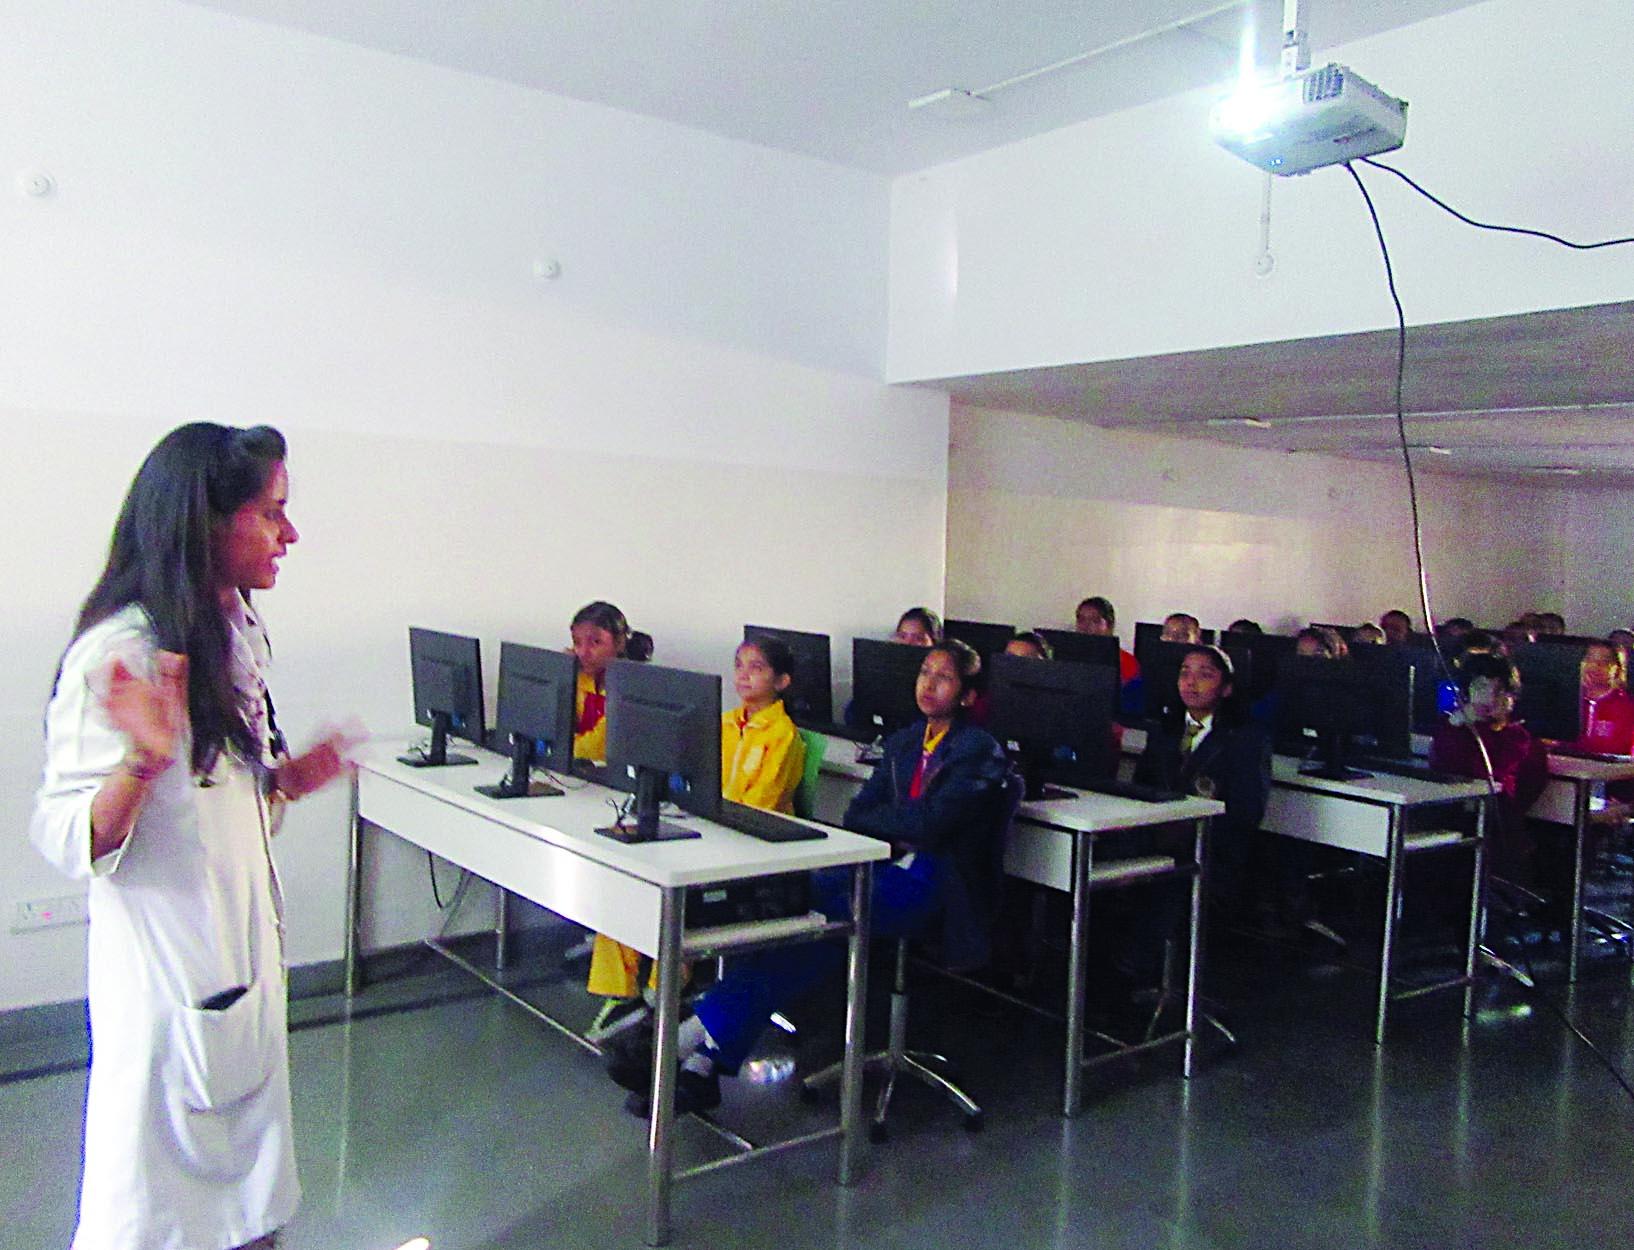 'किशोरावस्था में होने वाले परिवर्तन'' विषय पर कार्यशाला आयोजित